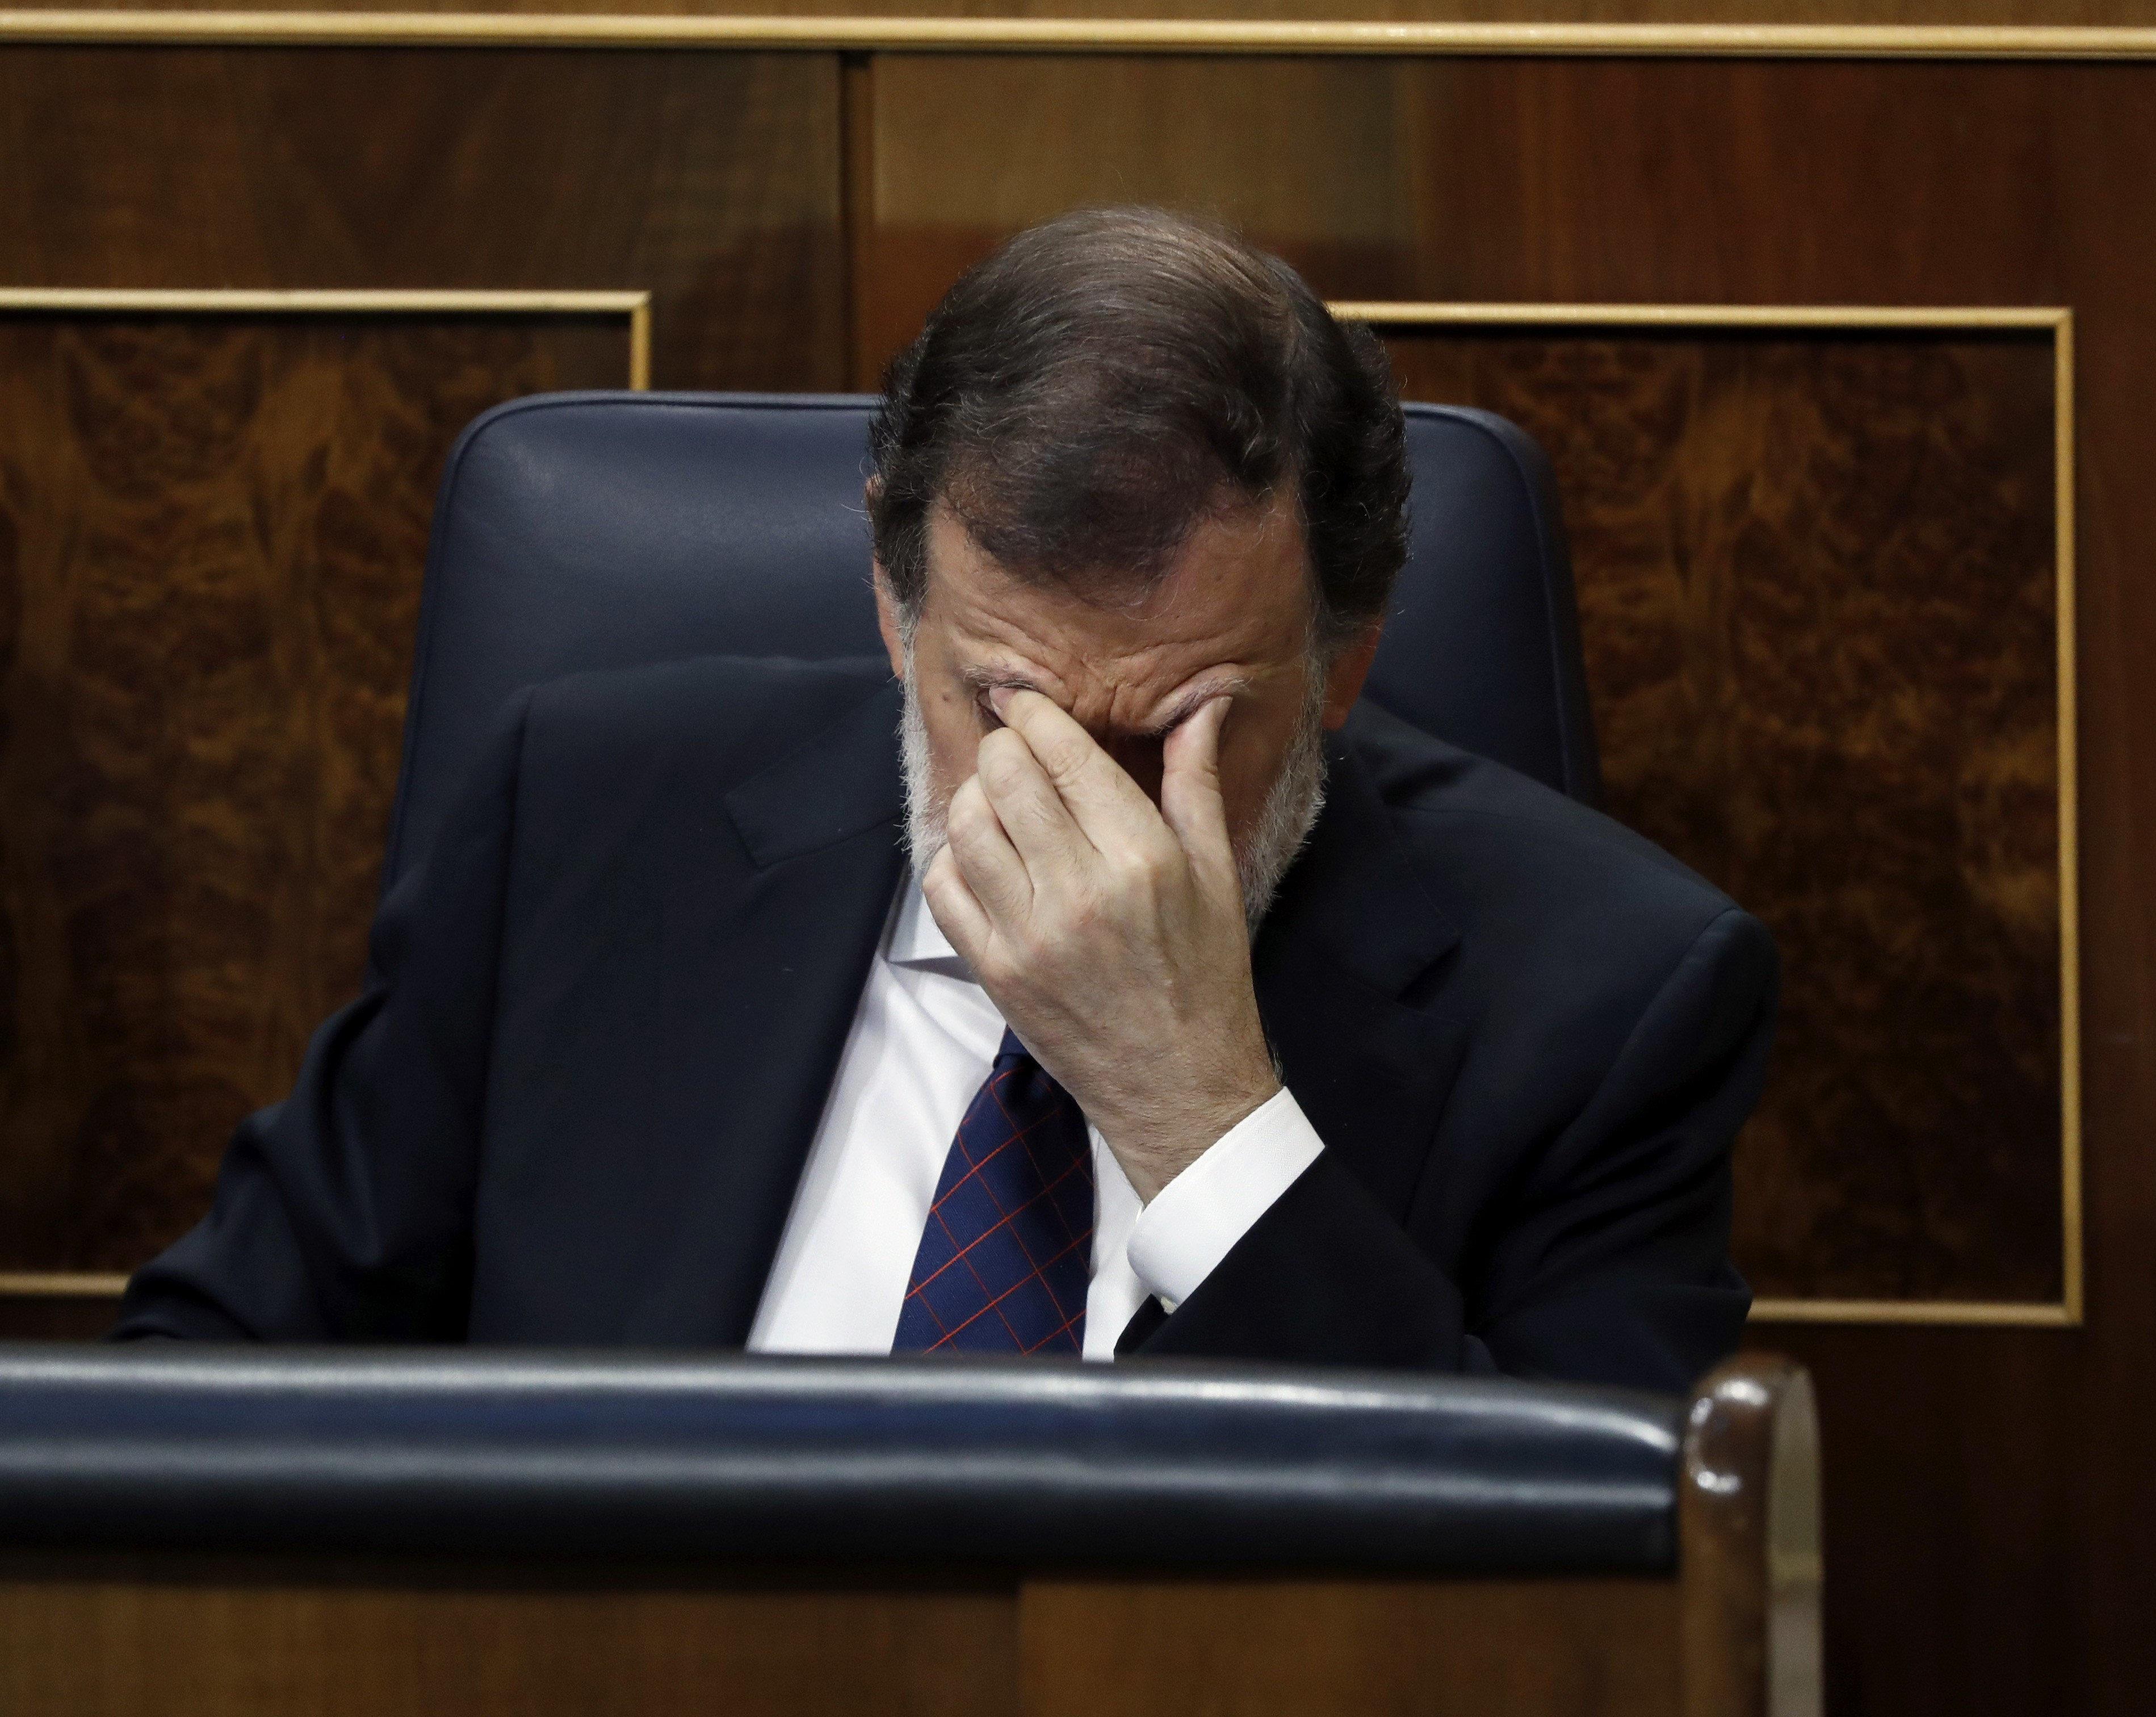 El president del Govern, Mariano Rajoy, després de comparèixer aquest dimecres en un ple extraordinari al Congrés dels Diputats (Madrid). /EMILIO NARANJO